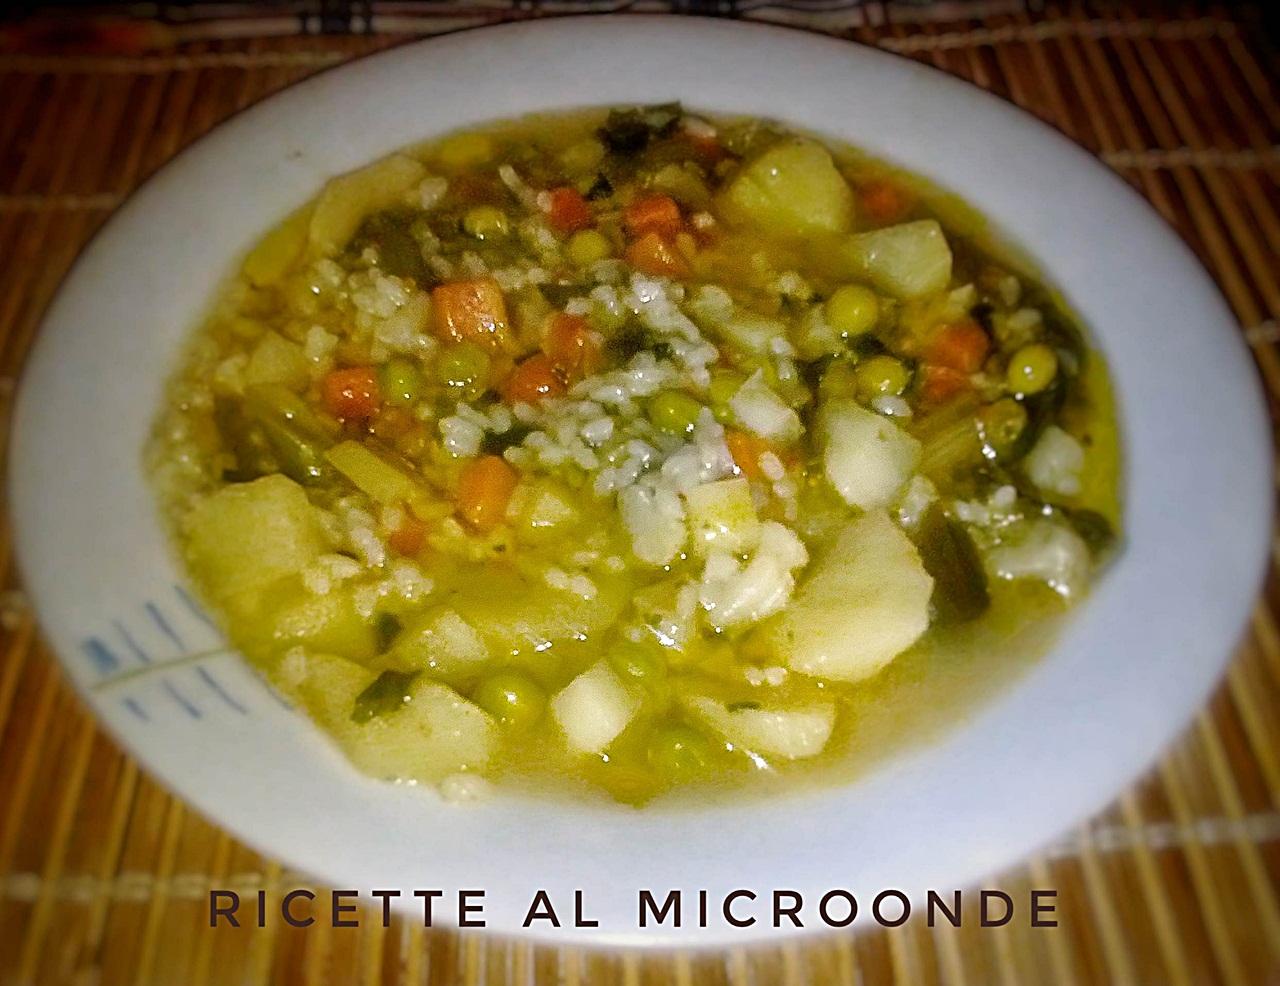 Peperoni e pomodori al microonde ricette al microonde for Microonde ricette